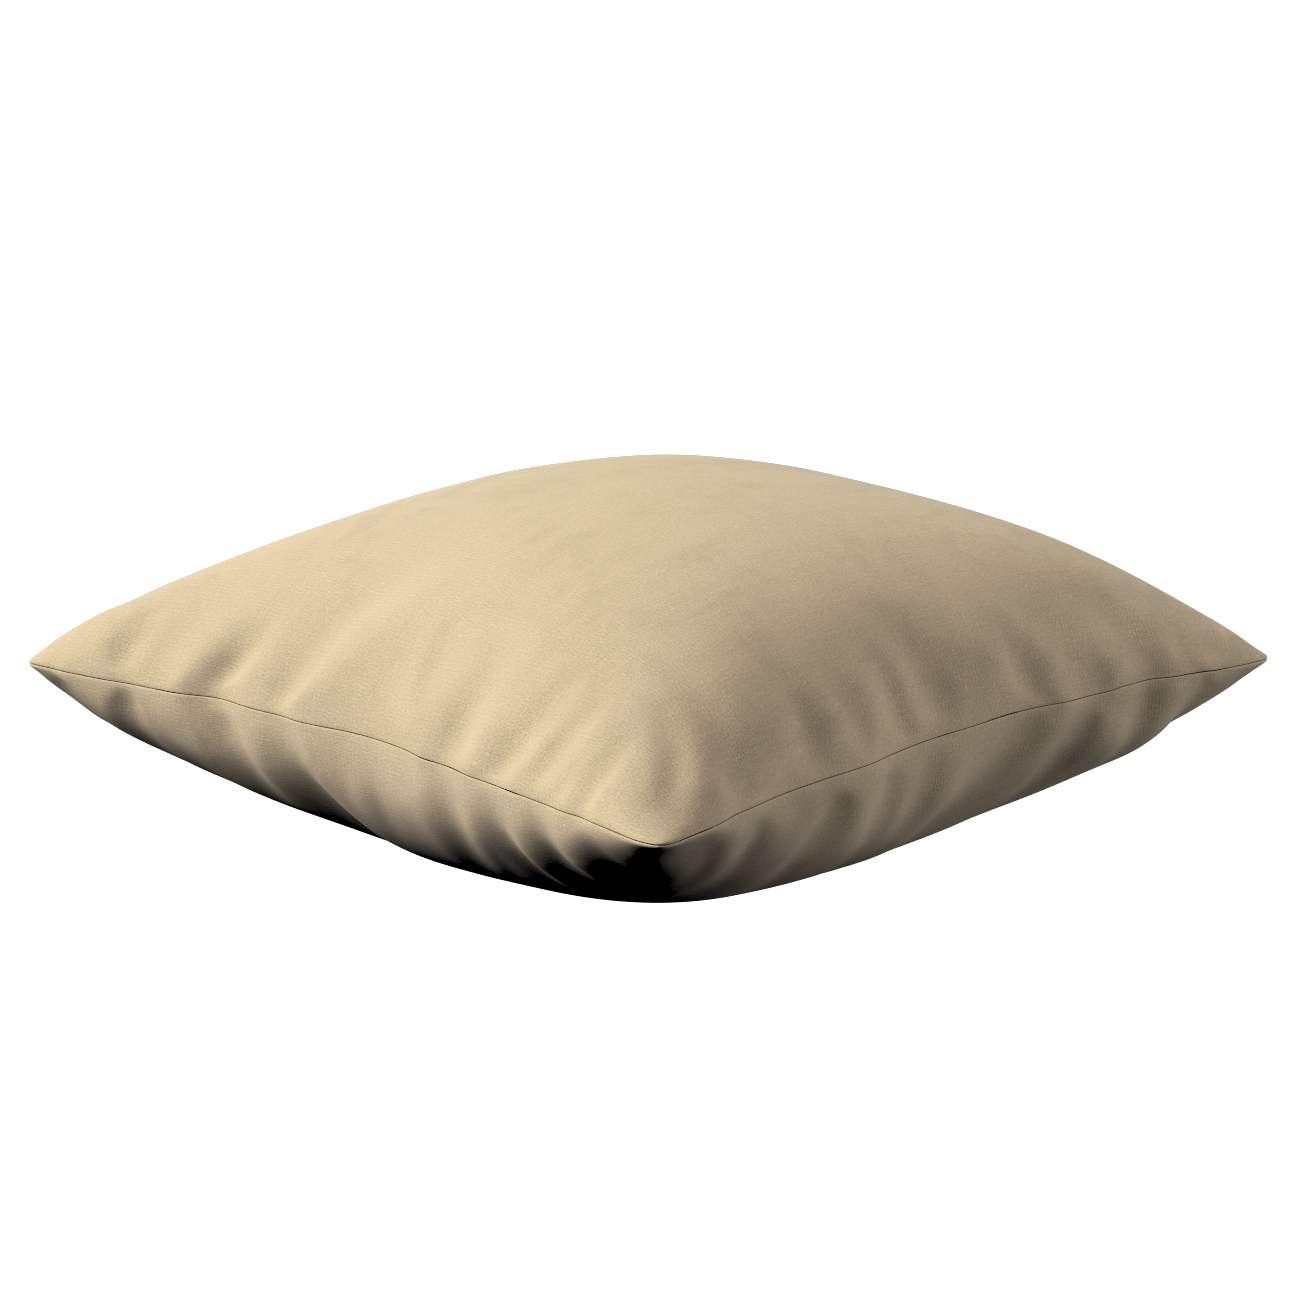 Poszewka Kinga na poduszkę w kolekcji Living, tkanina: 160-82